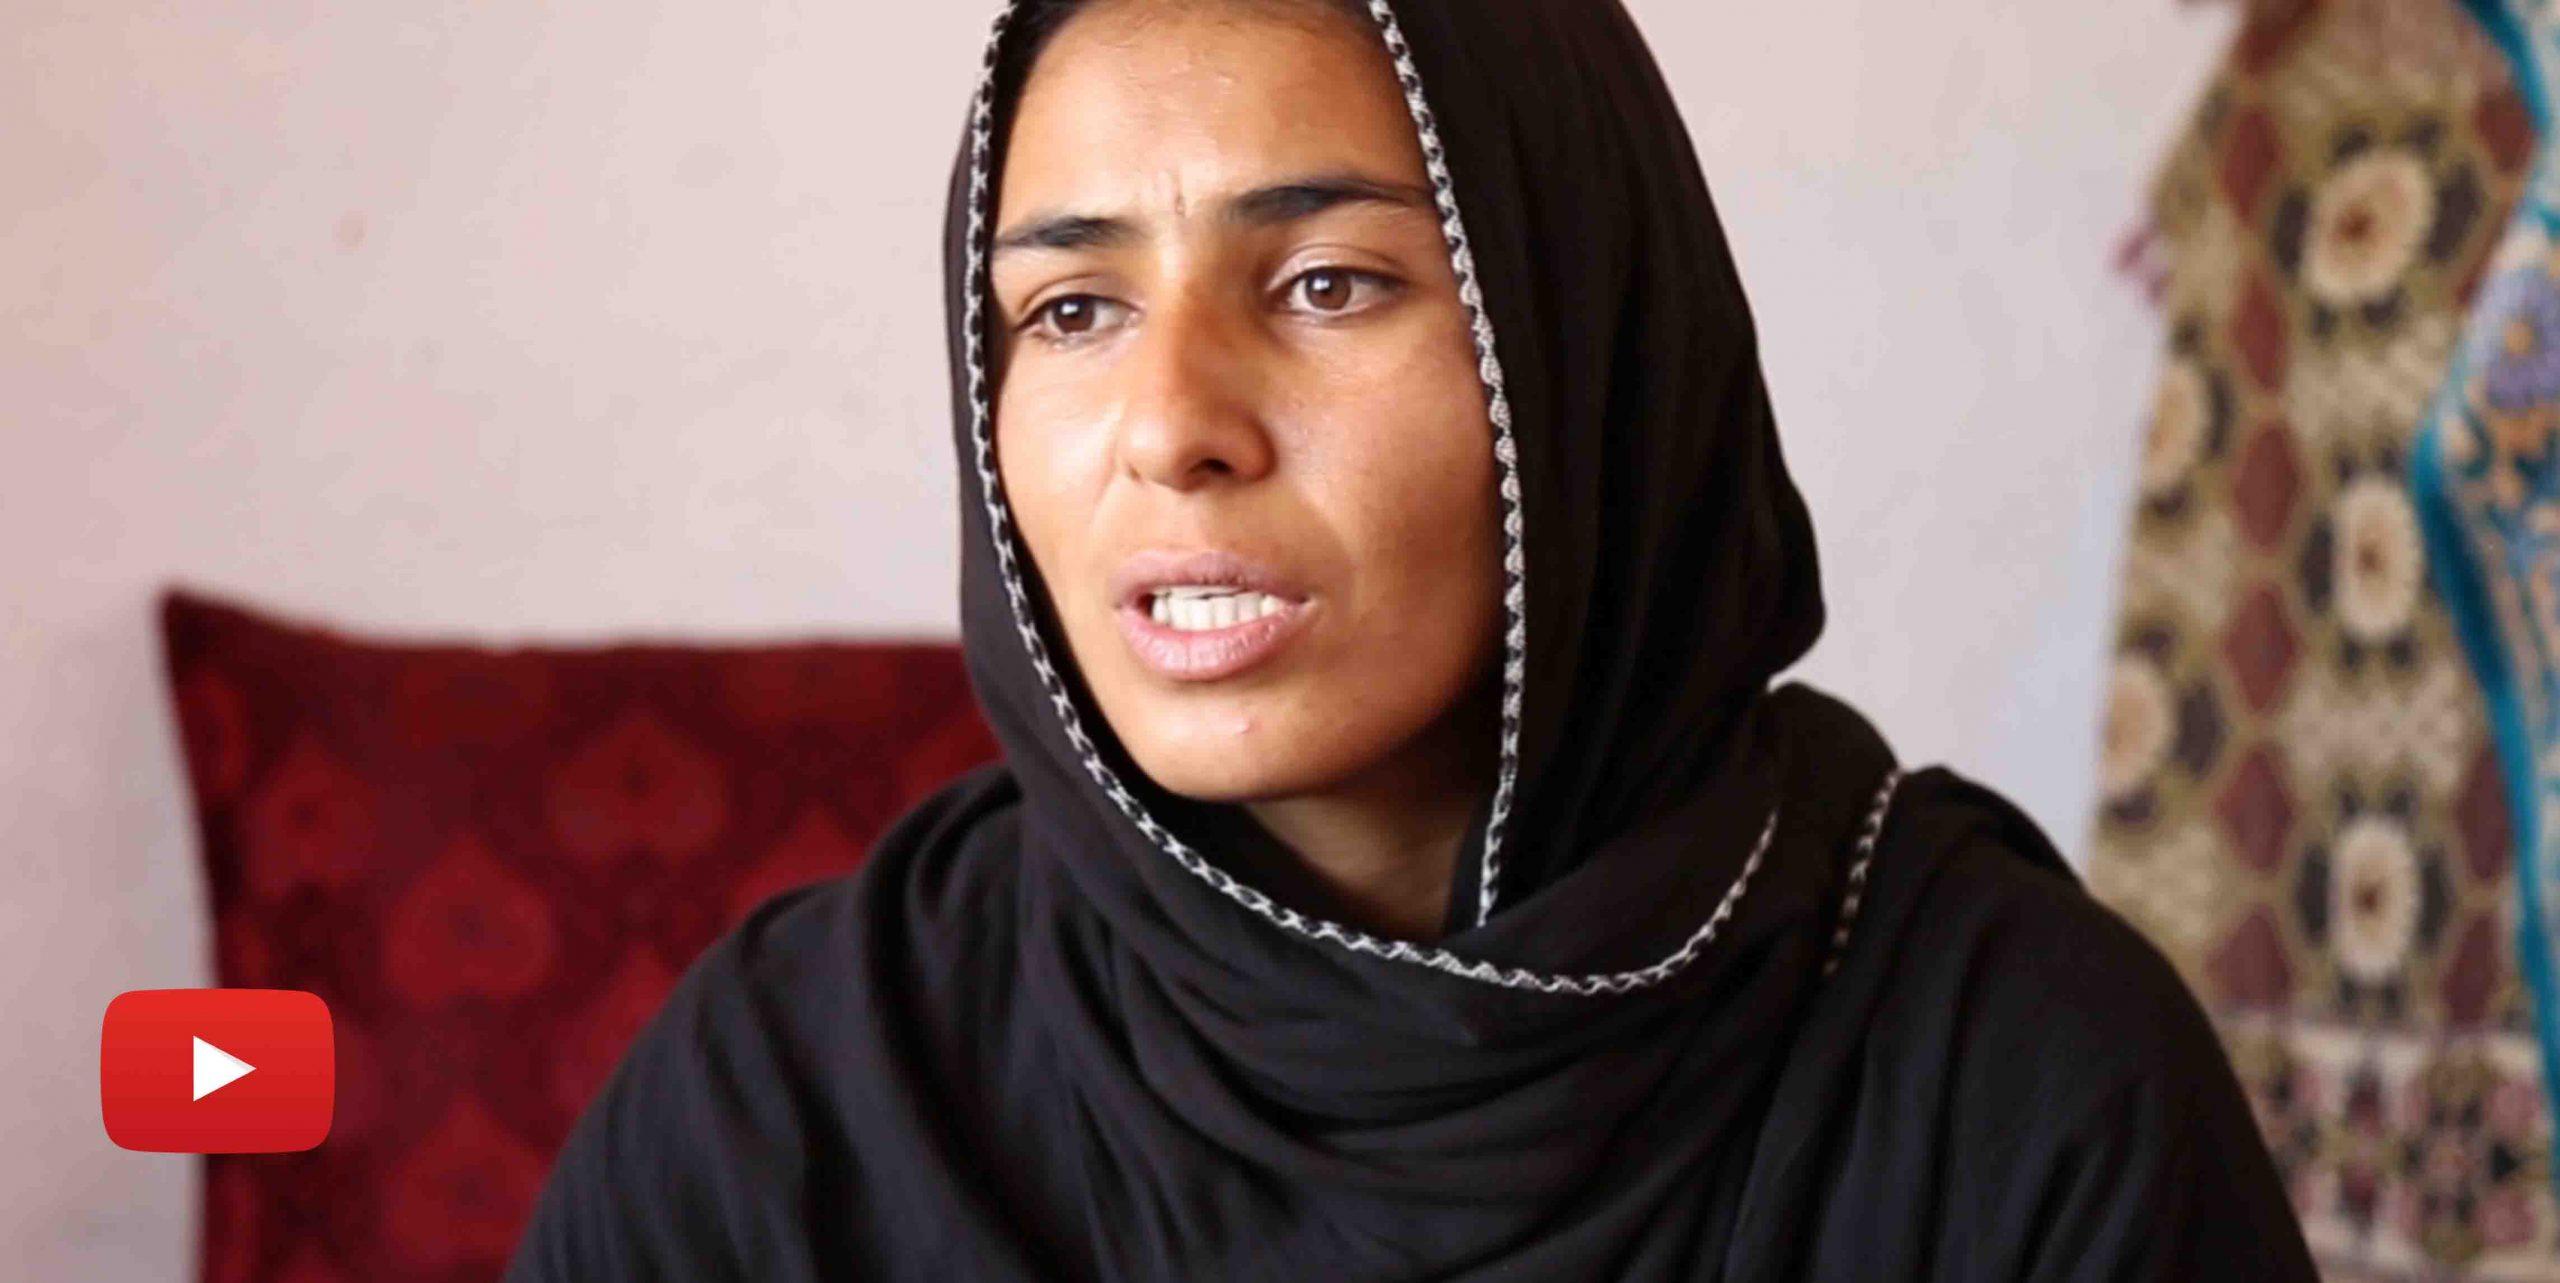 Kvindeprojekt støttet af Novo Nordisk Fonden viser vejen frem